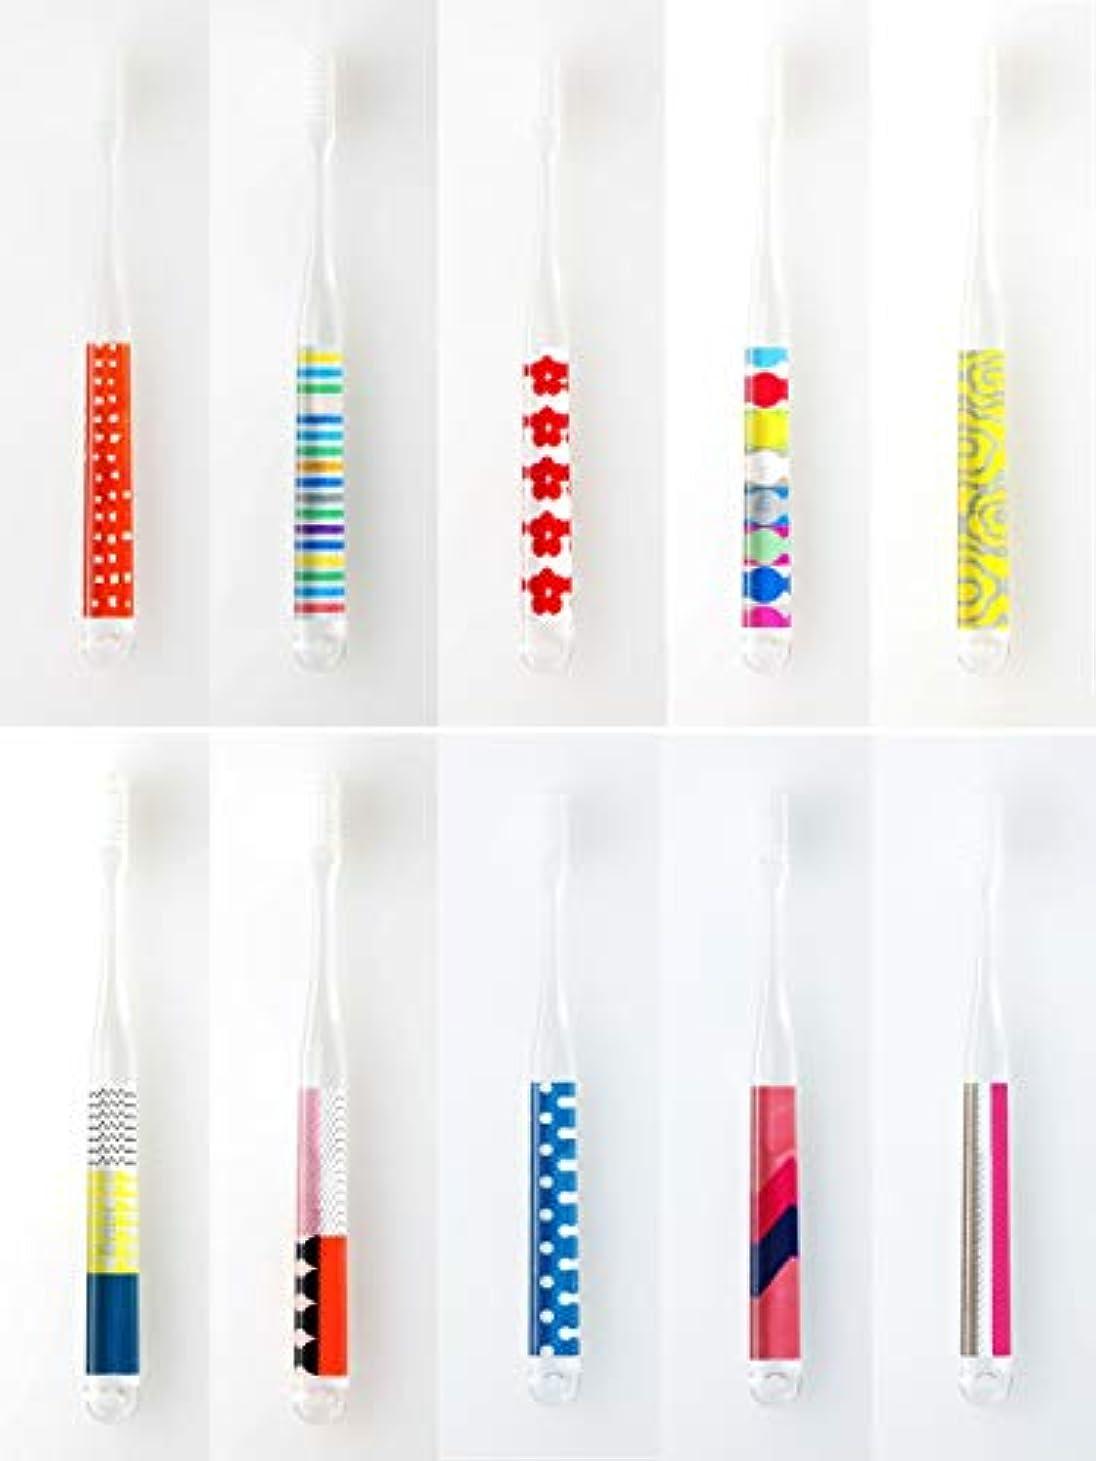 メドレーポール排出MOYO モヨウ 歯ブラシ POP 10本セット_562302-pop3 【F】,POP10本セット ハブラシ